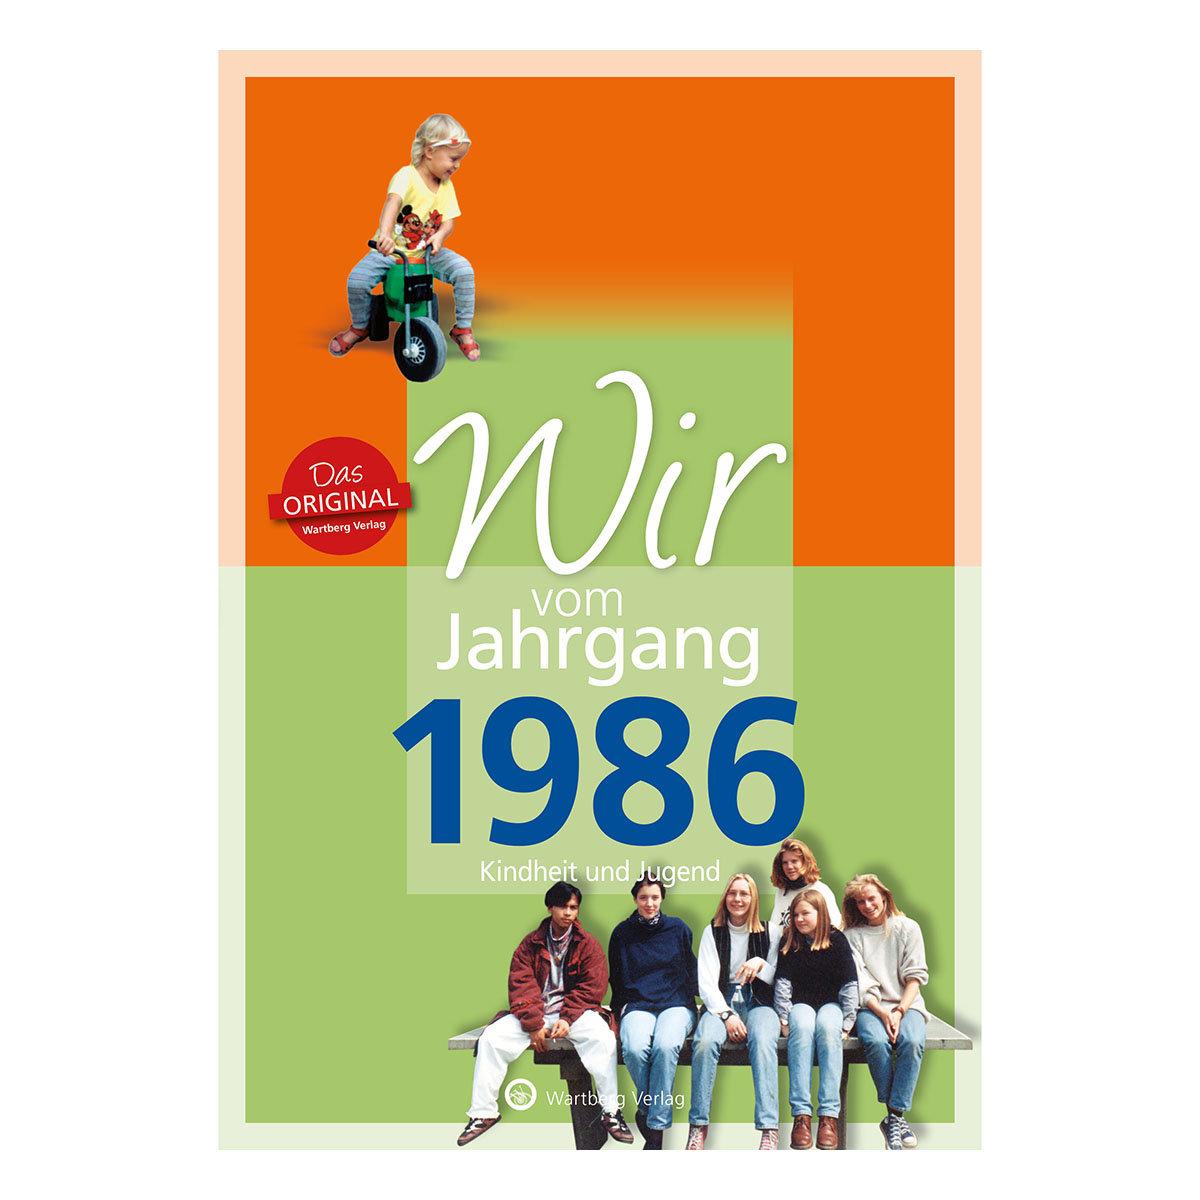 Wir vom Jahrgang 1986 - Kindheit und Jugend